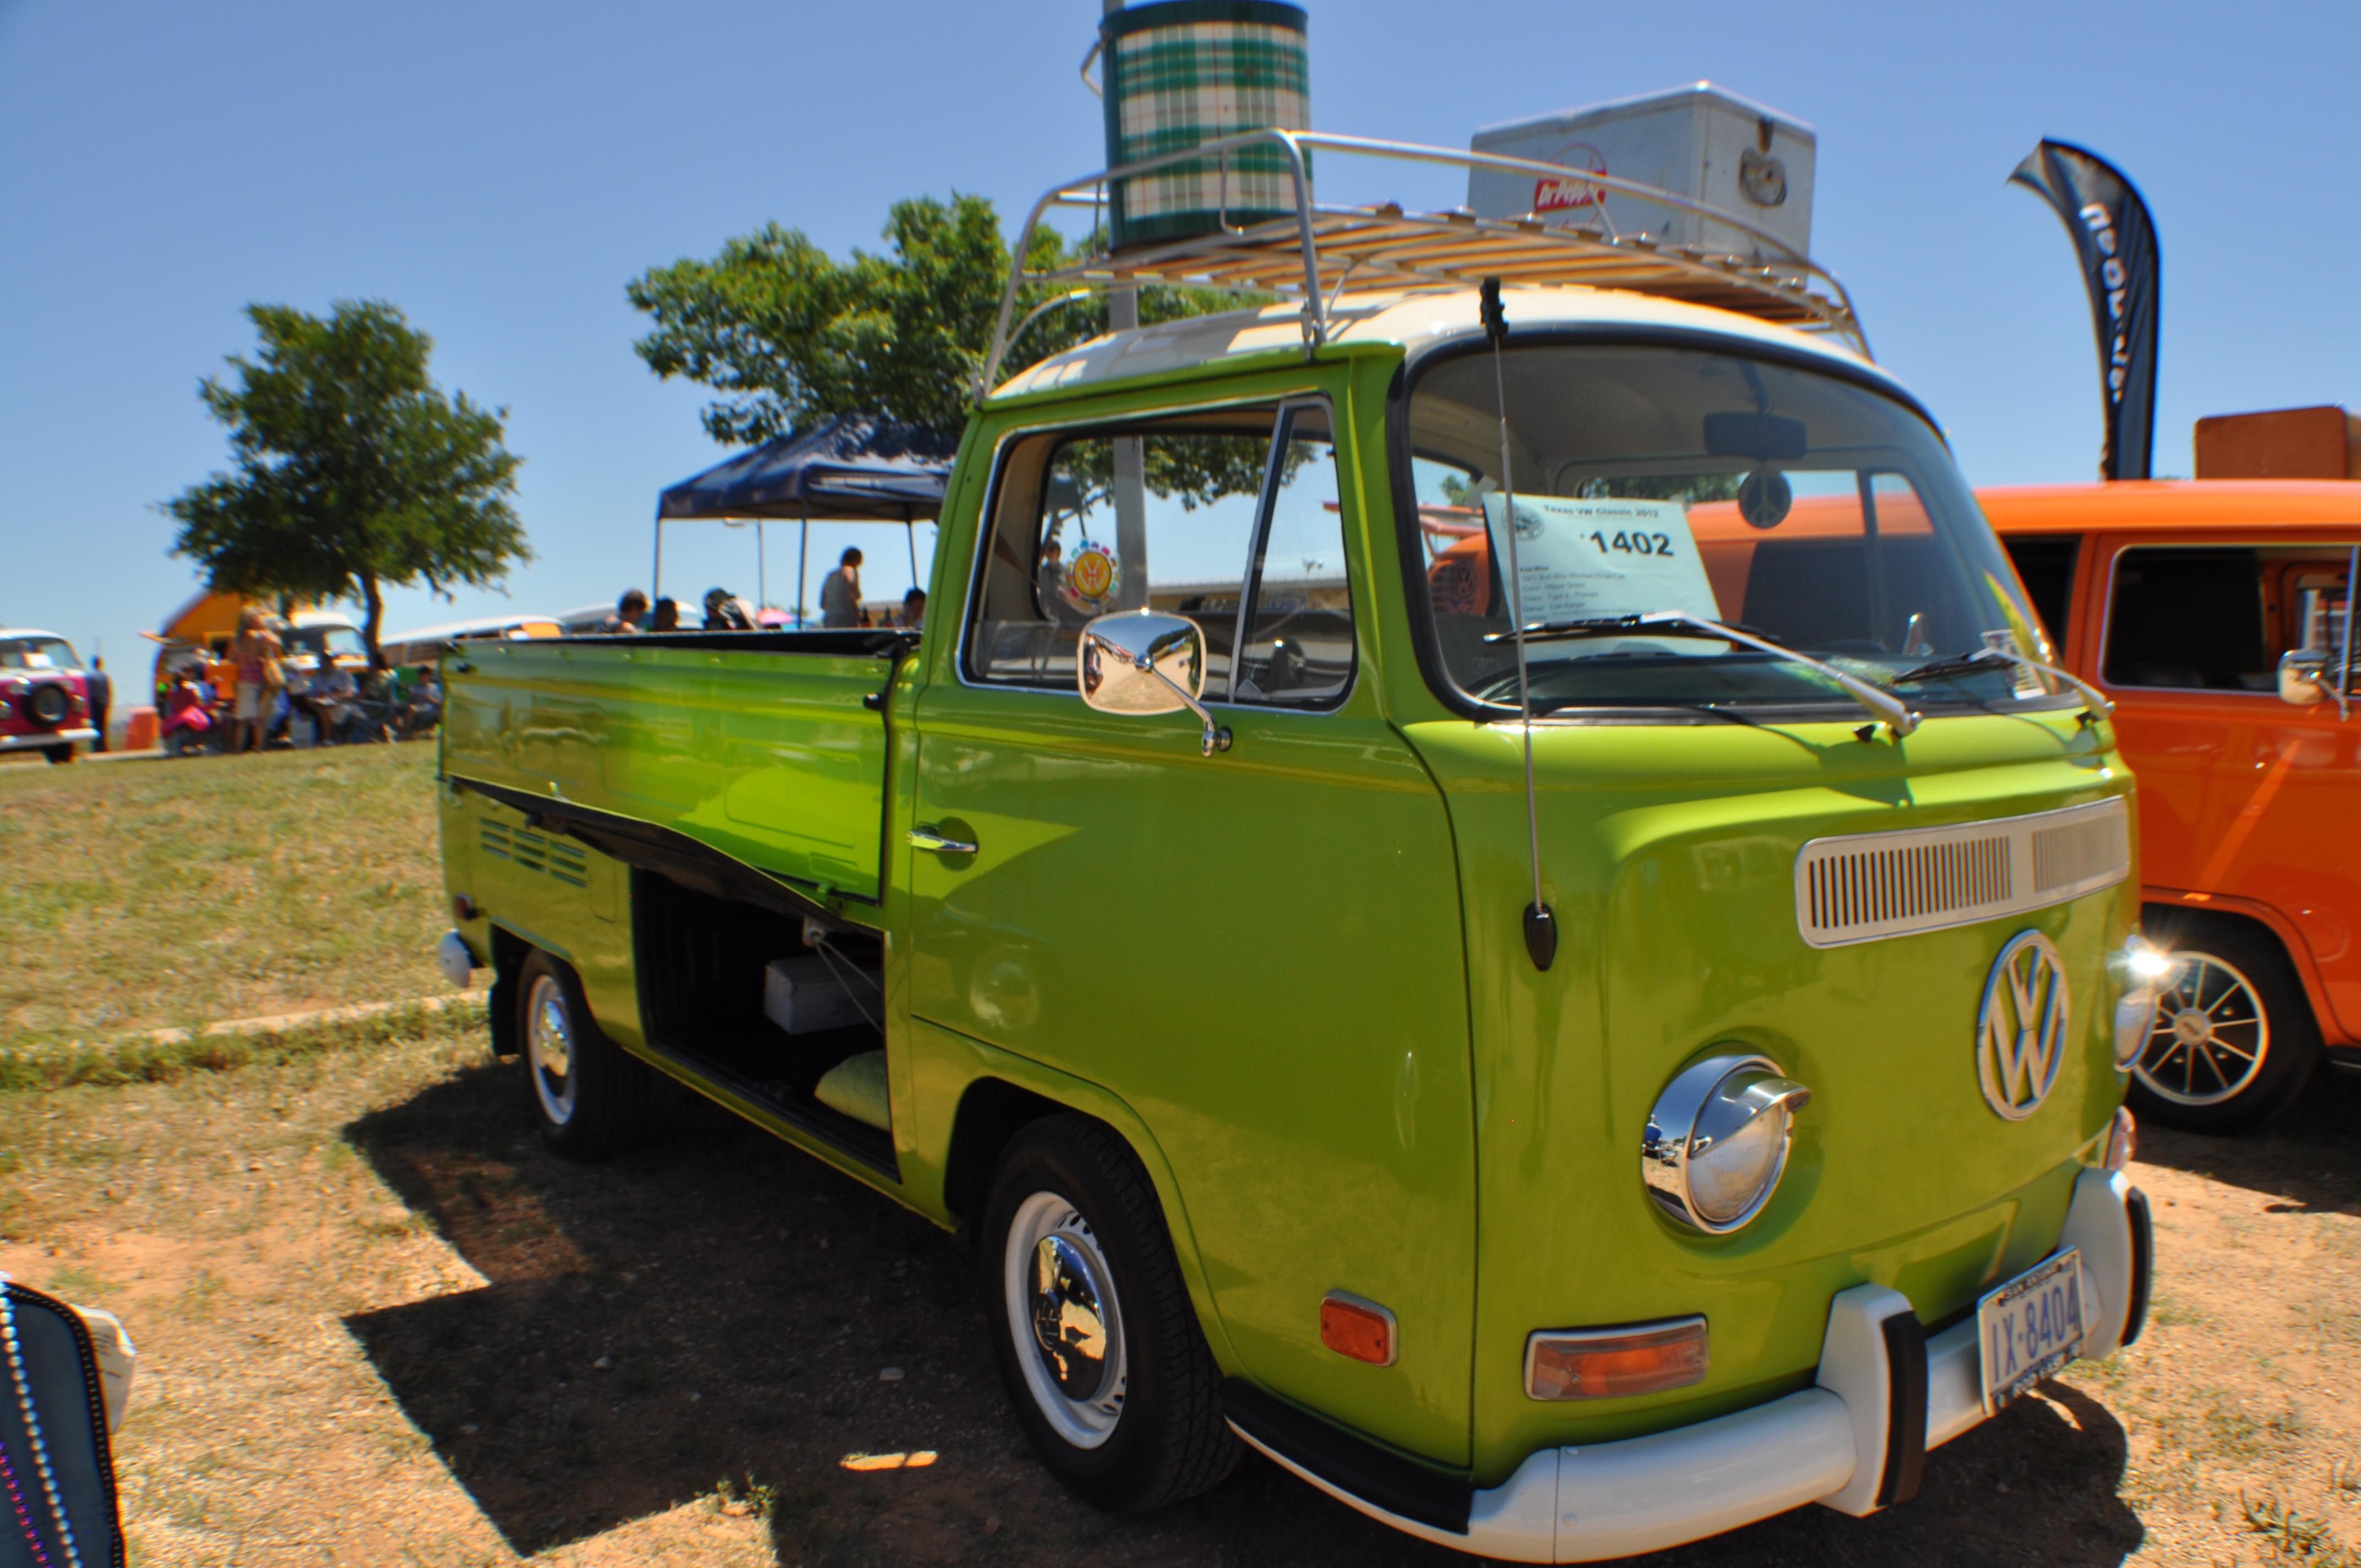 200 San Antonio78259usa Used Cars For Sale On Craigslist